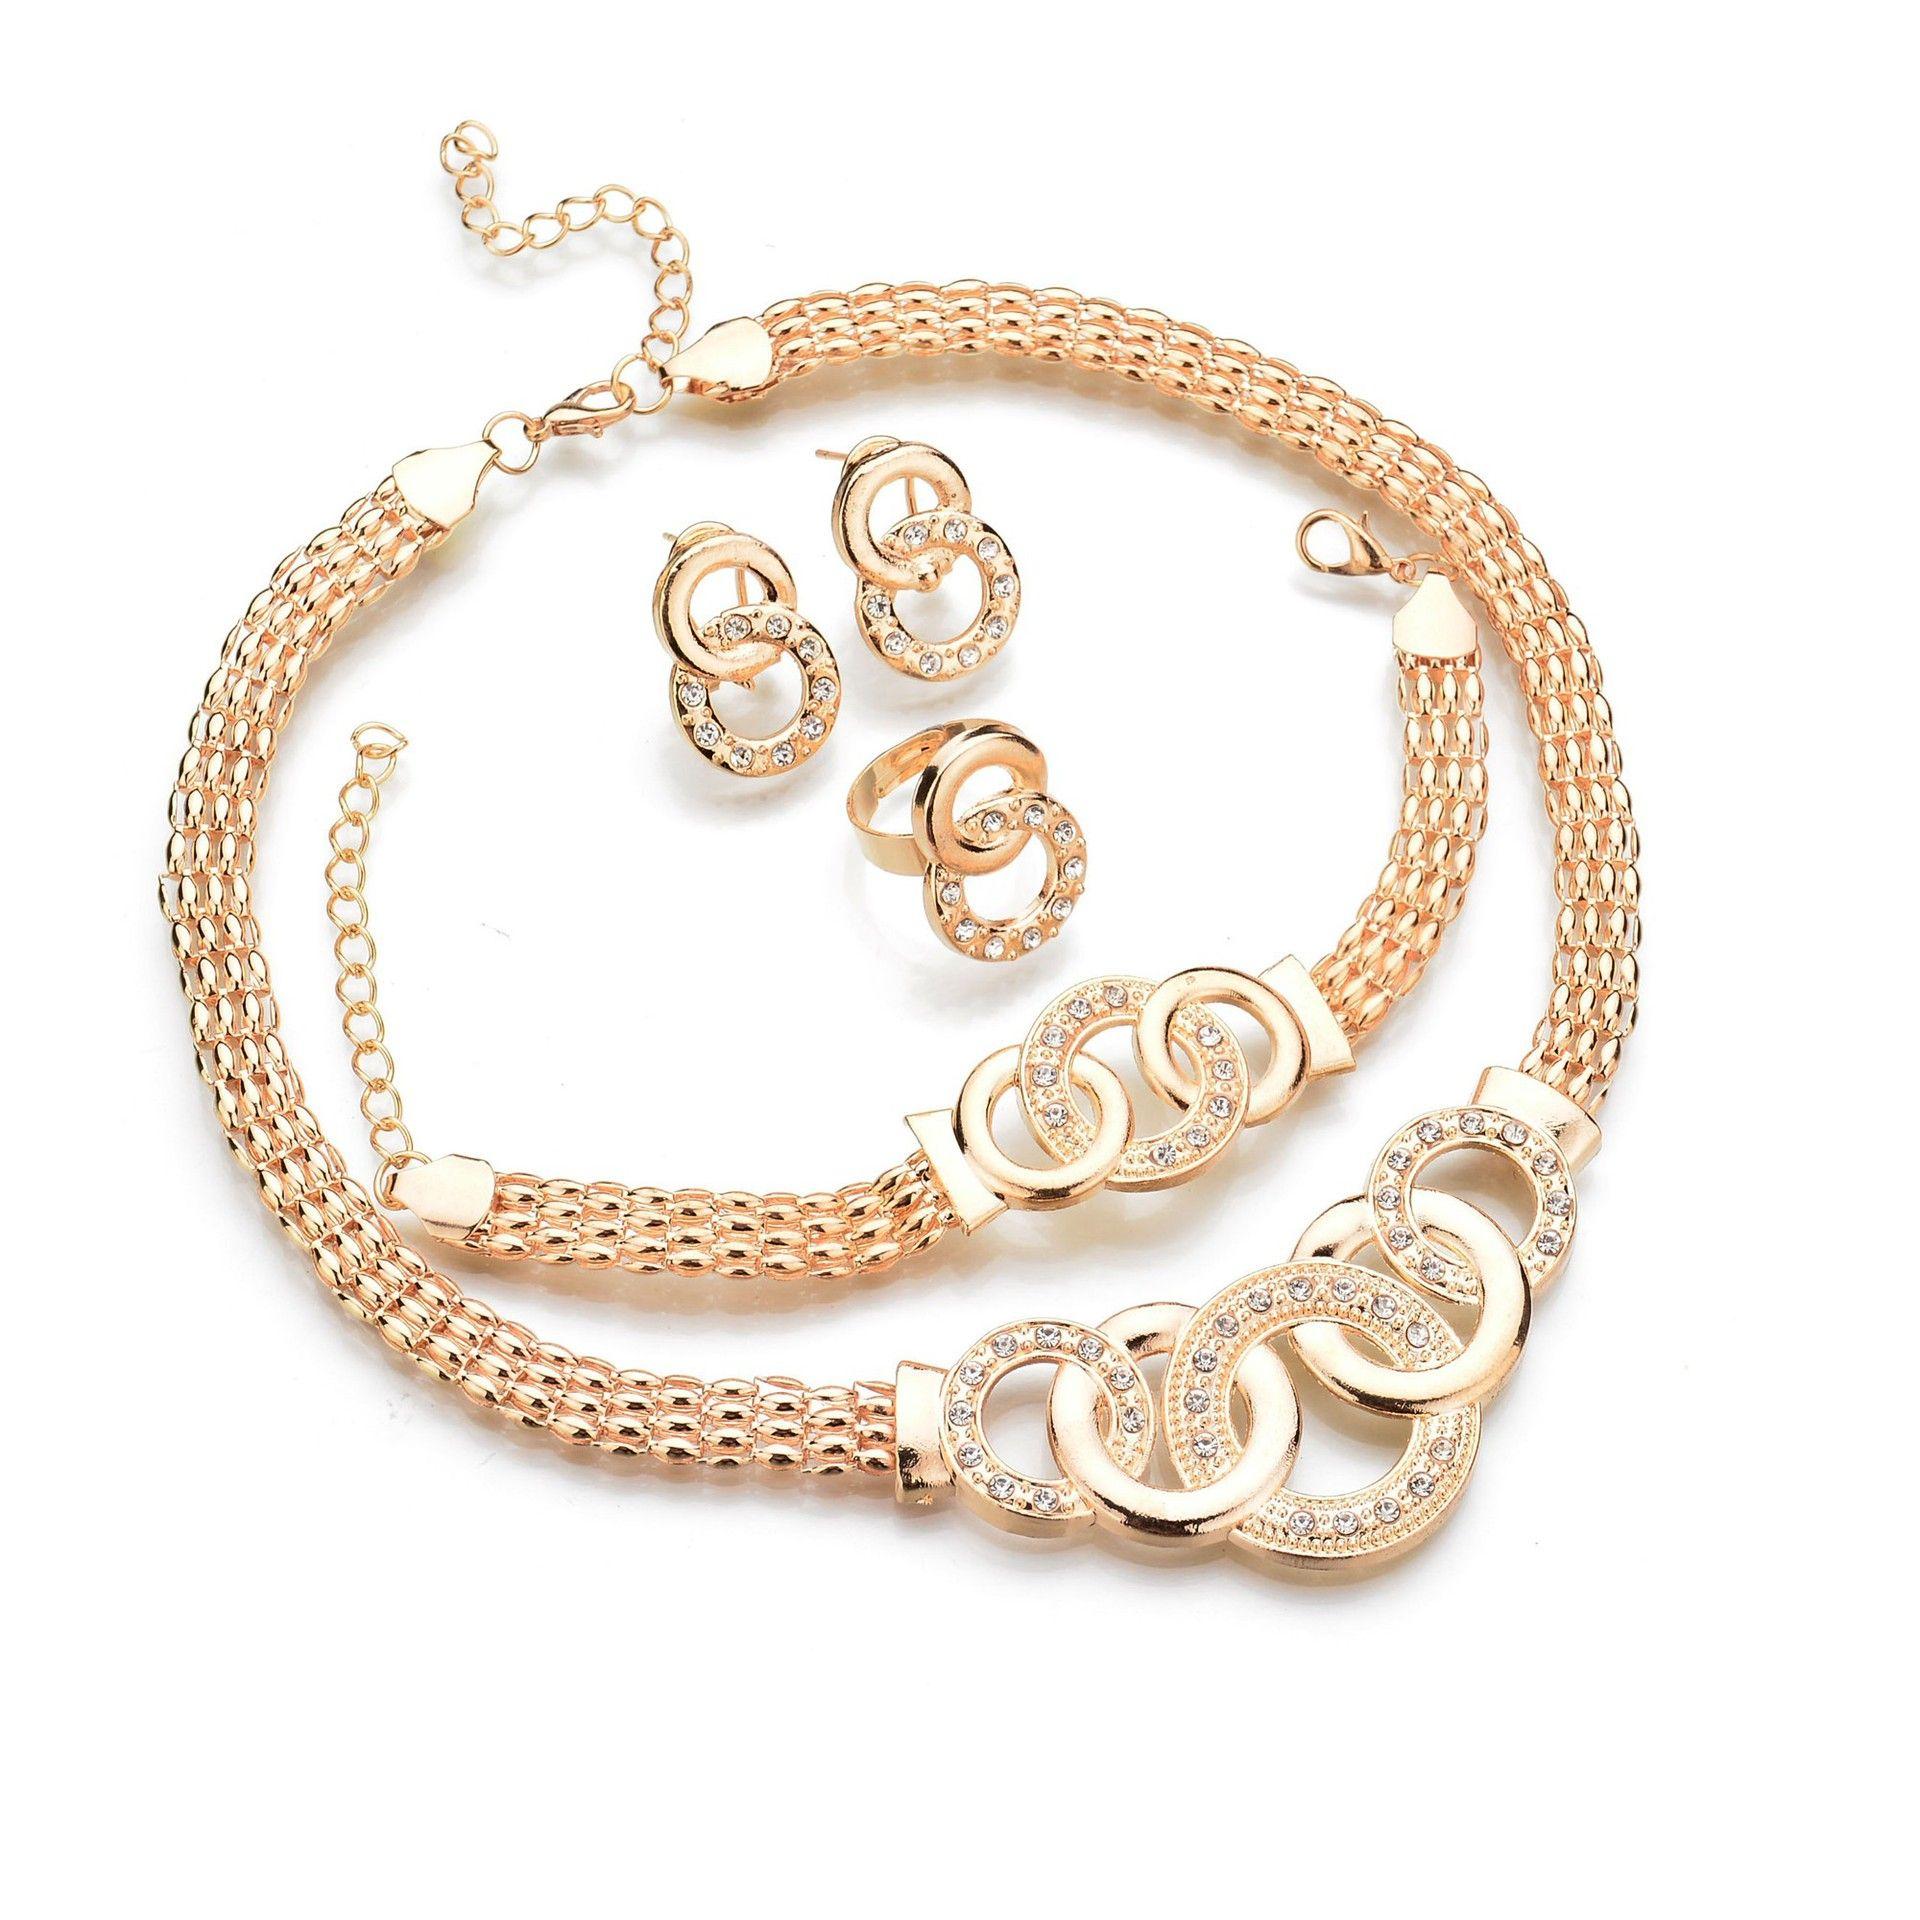 позолоченные серьги ожерелье браслет кольцо 4 шт браслеты